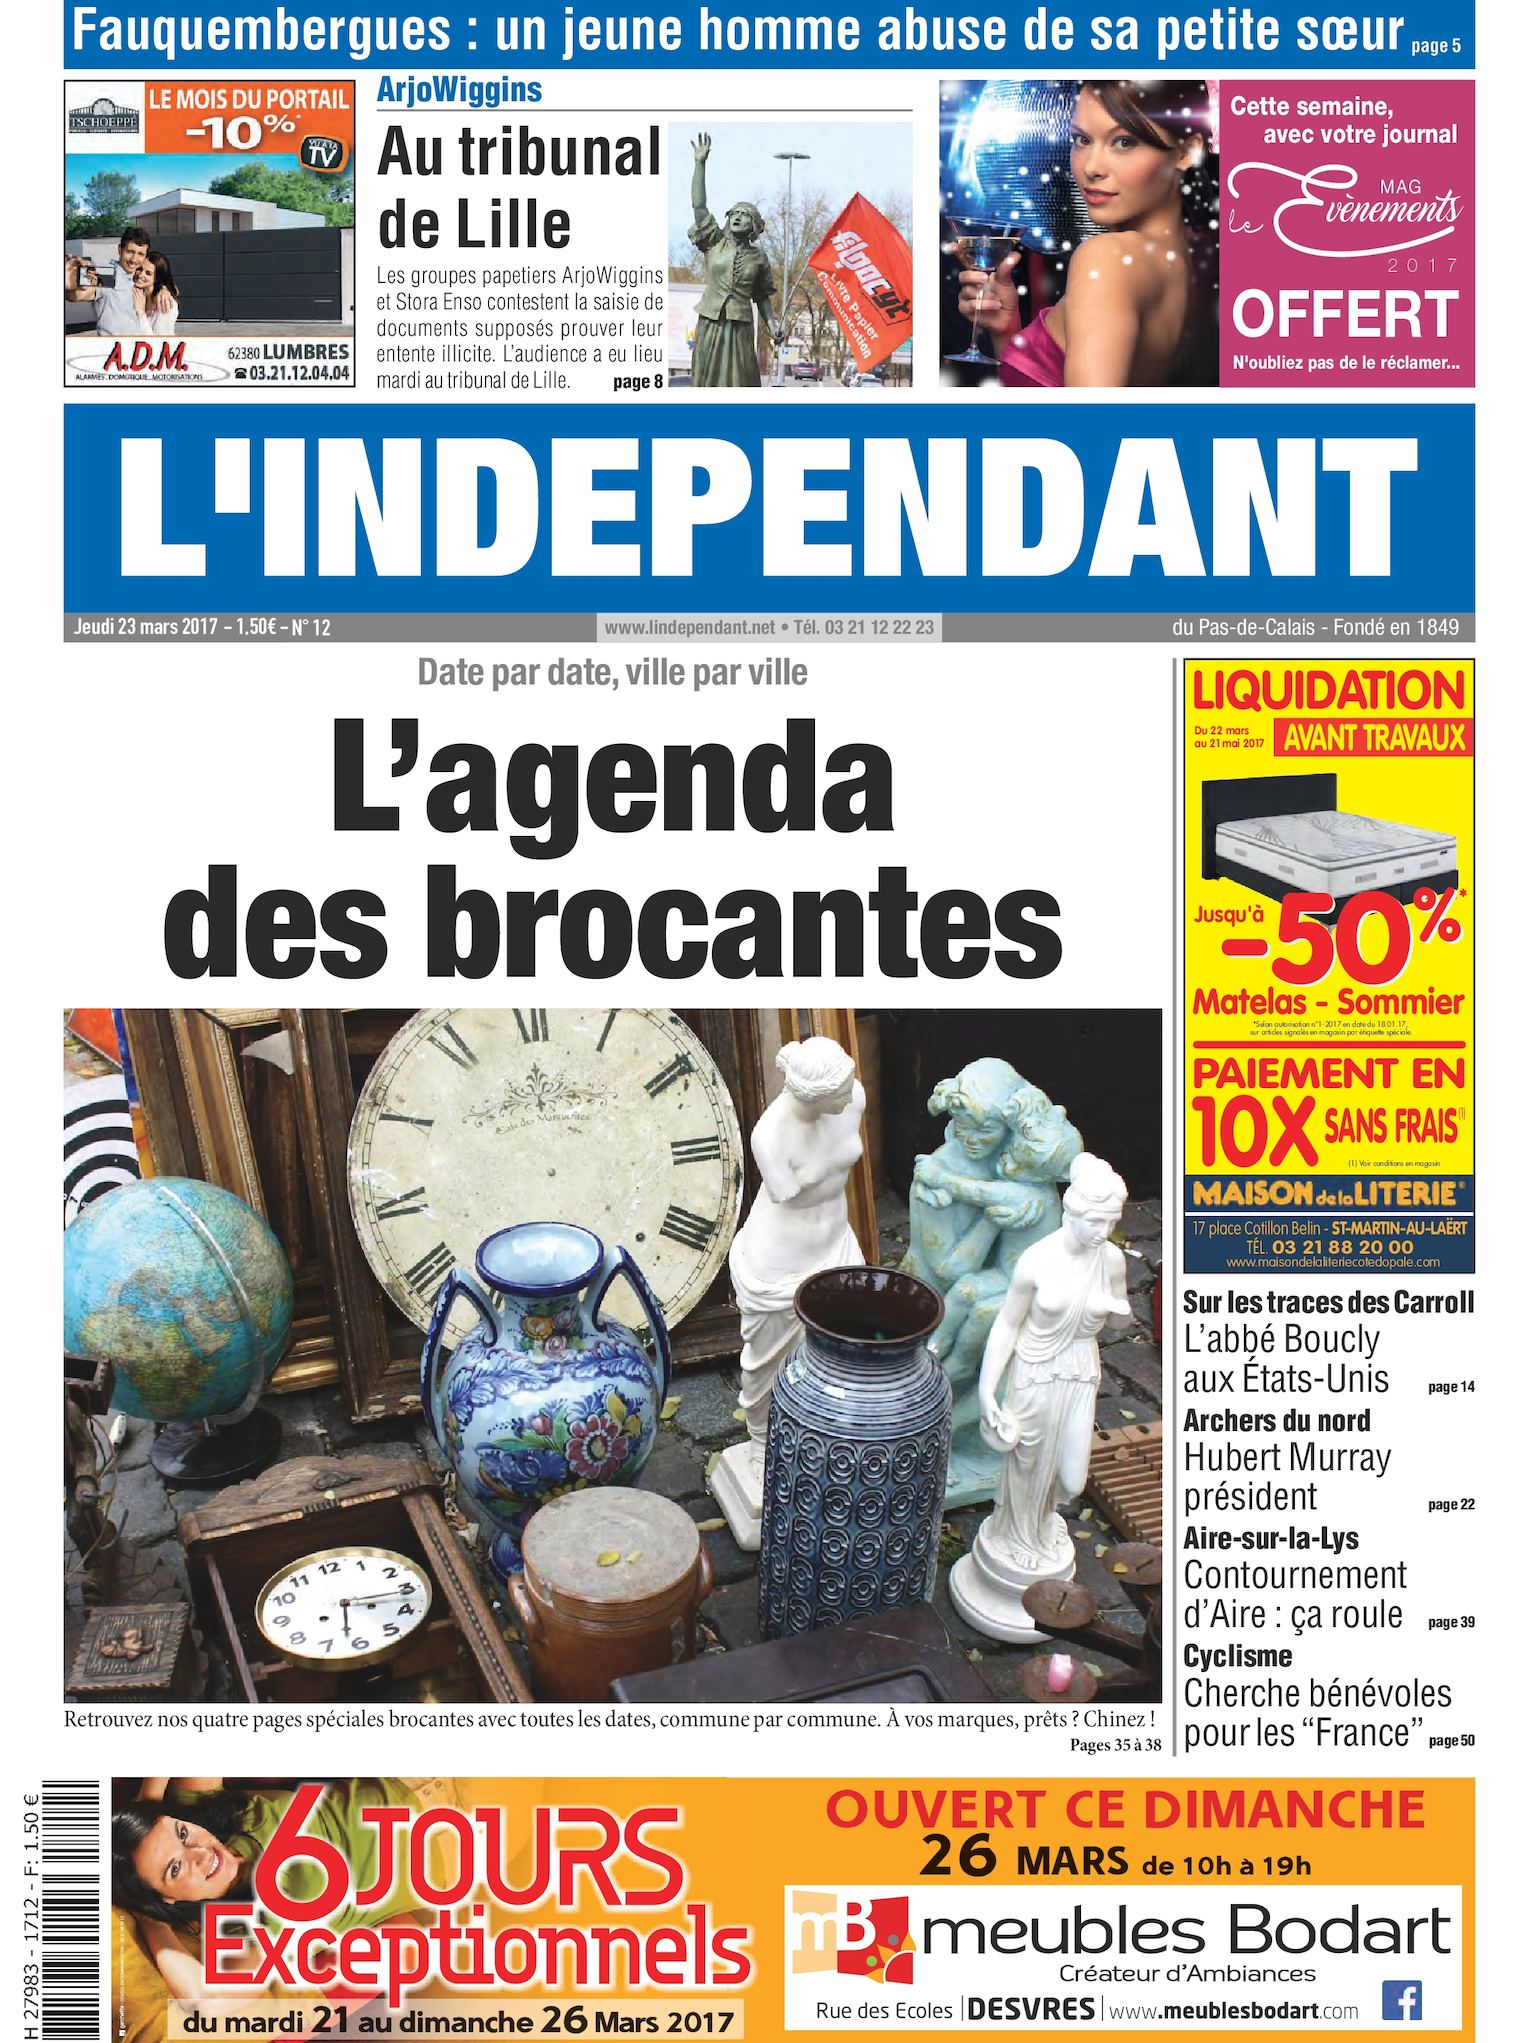 Calaméo - L indépendant Semaine 12 2017 5711f82eb87a